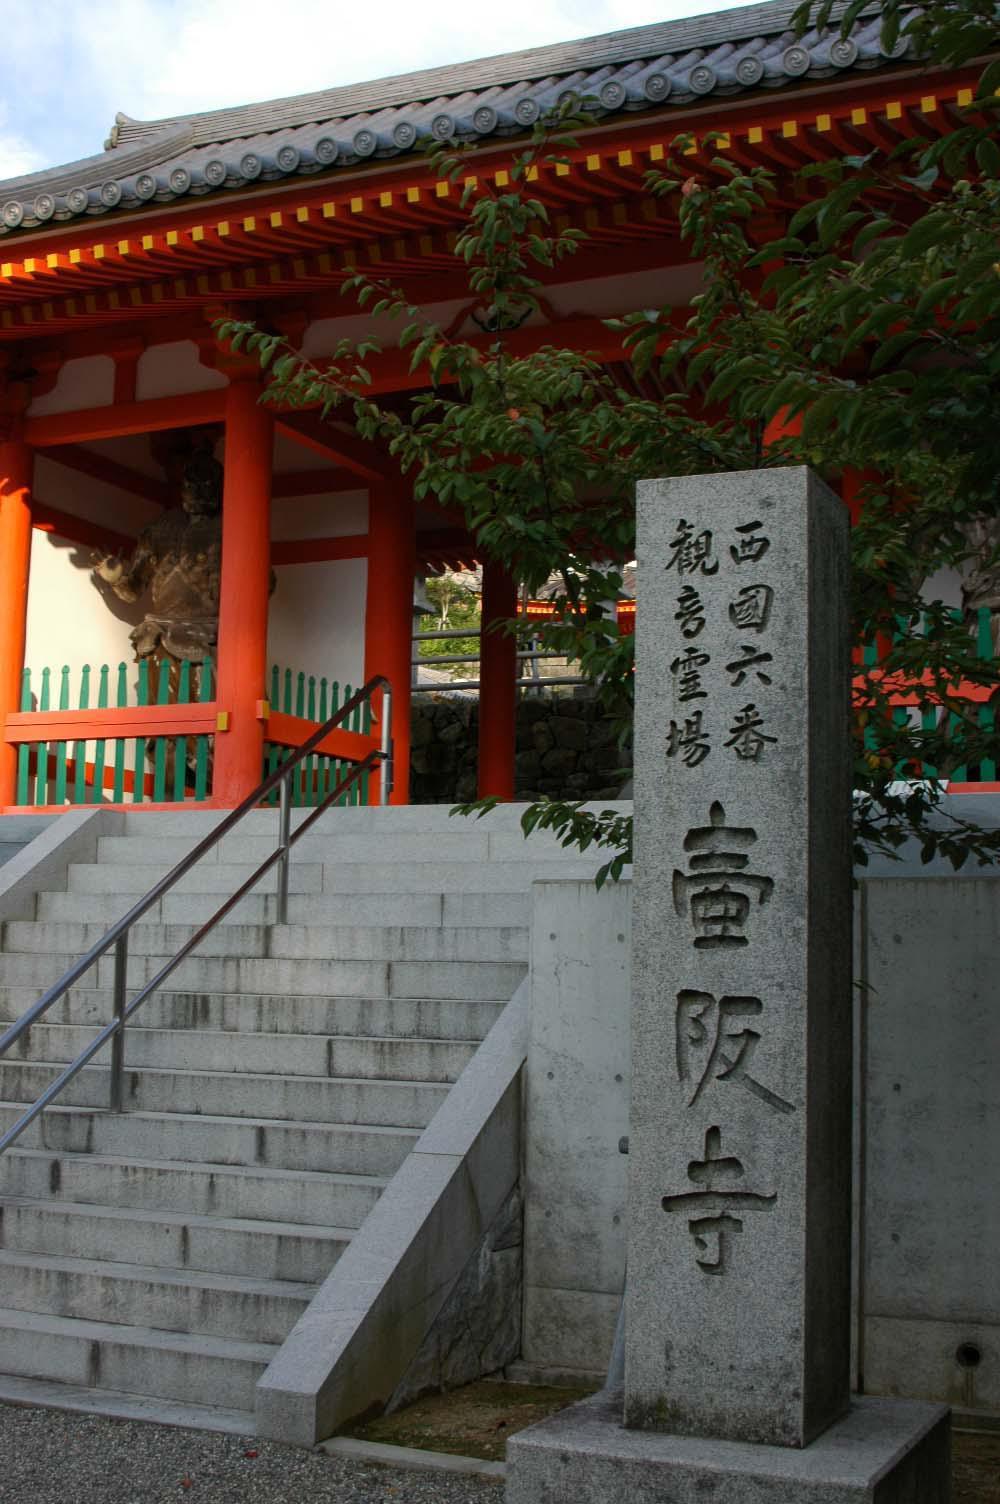 南法華寺(壷阪寺)の建物その他